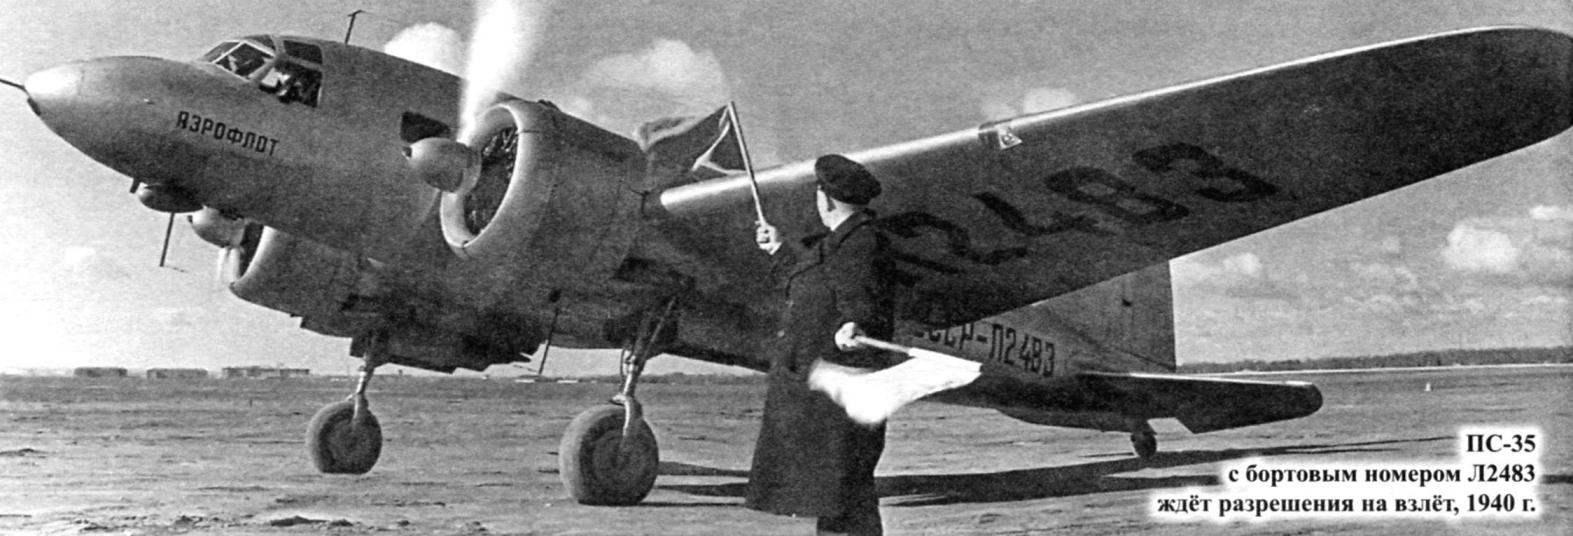 ПС-35 с бортовым номером Л2483 ждёт разрешения на взлёт, 1940 г.